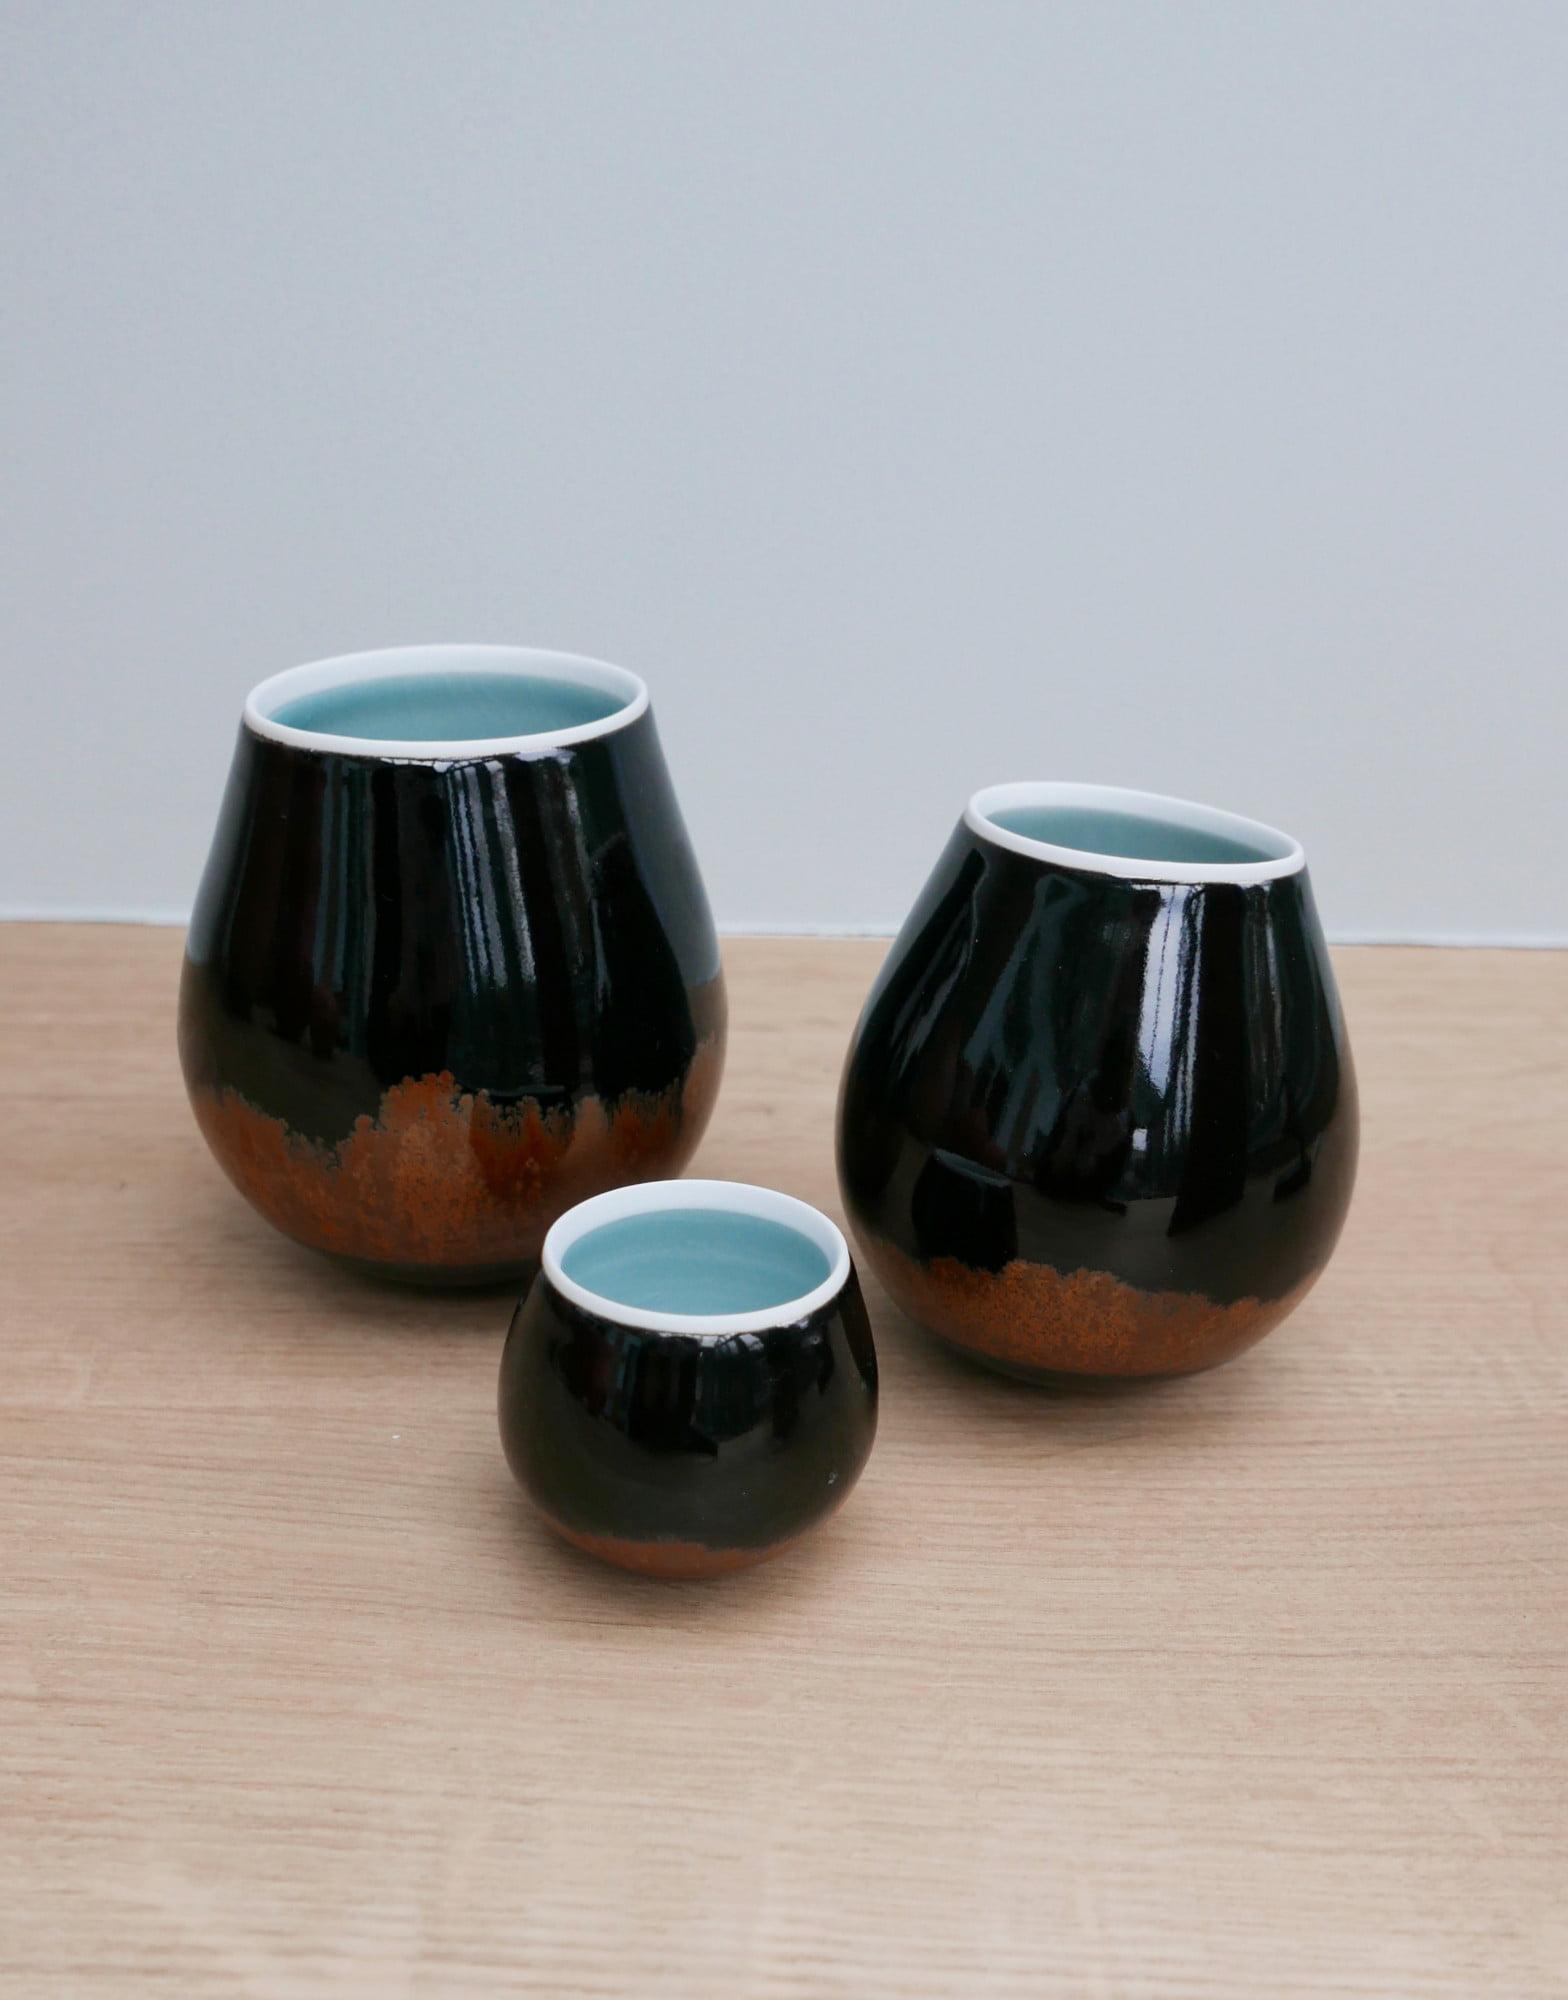 Rocking bowls by Chris Keenan